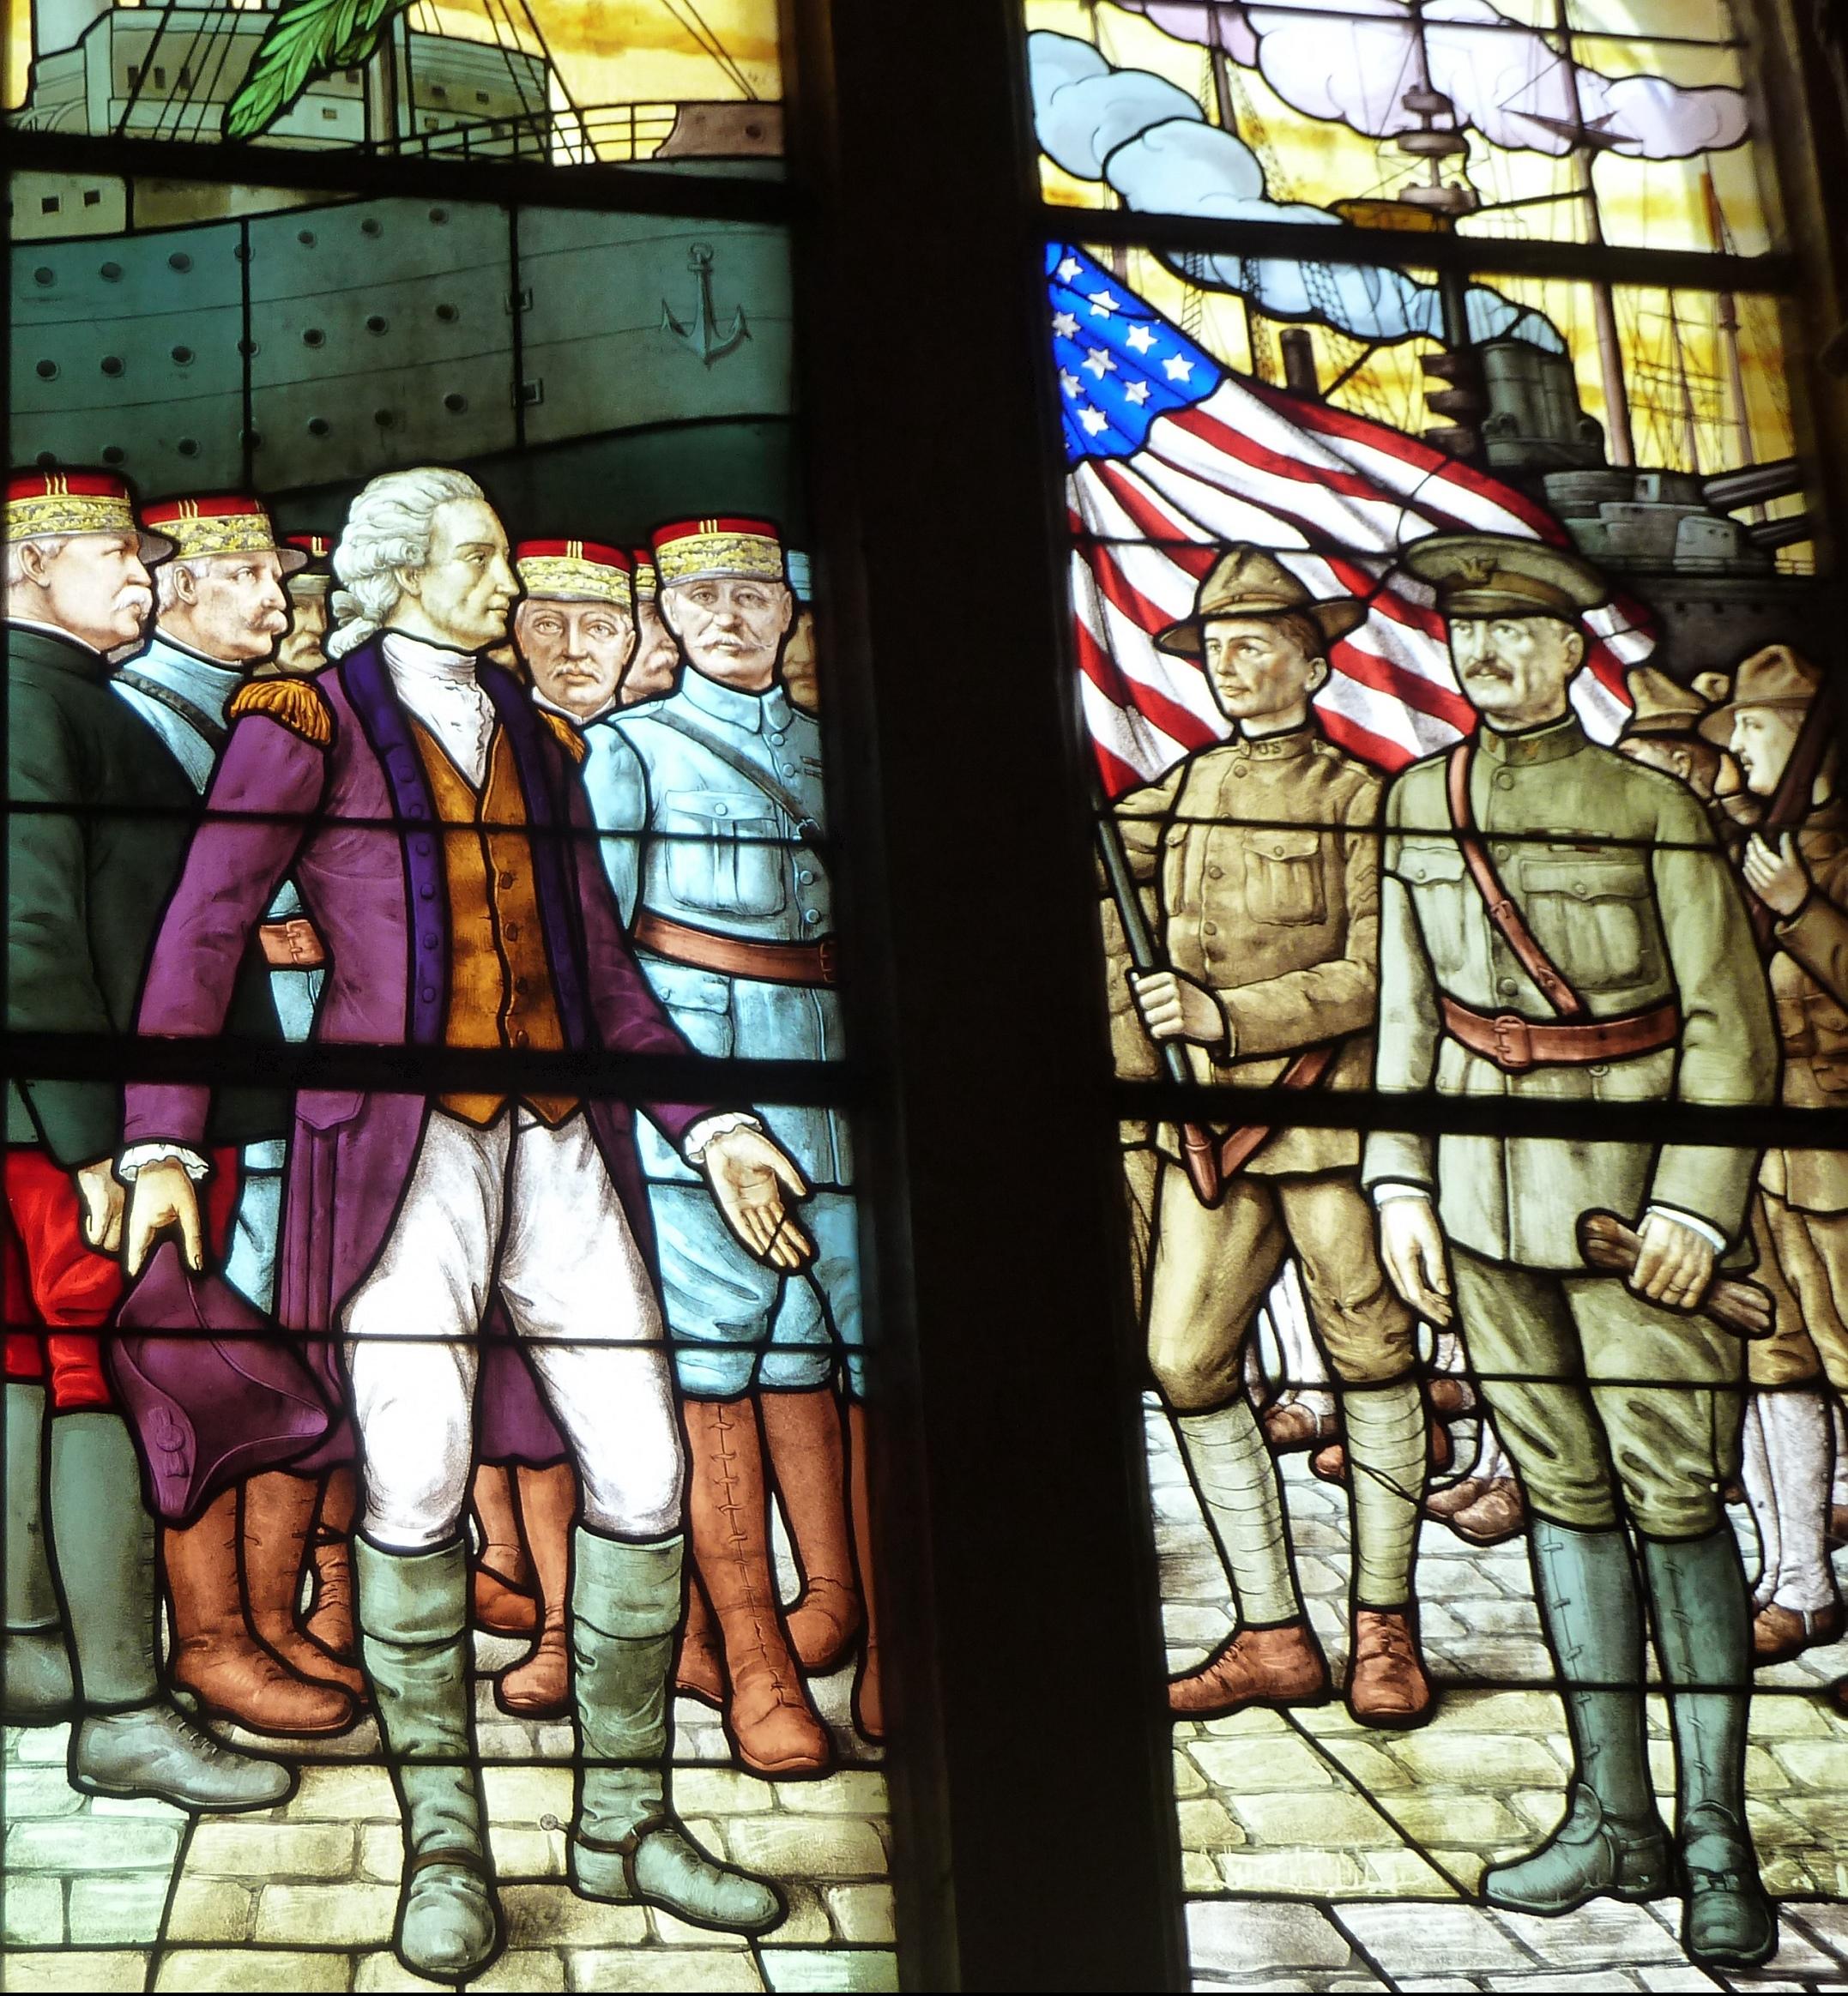 'église américaine de Chateau-Thierry